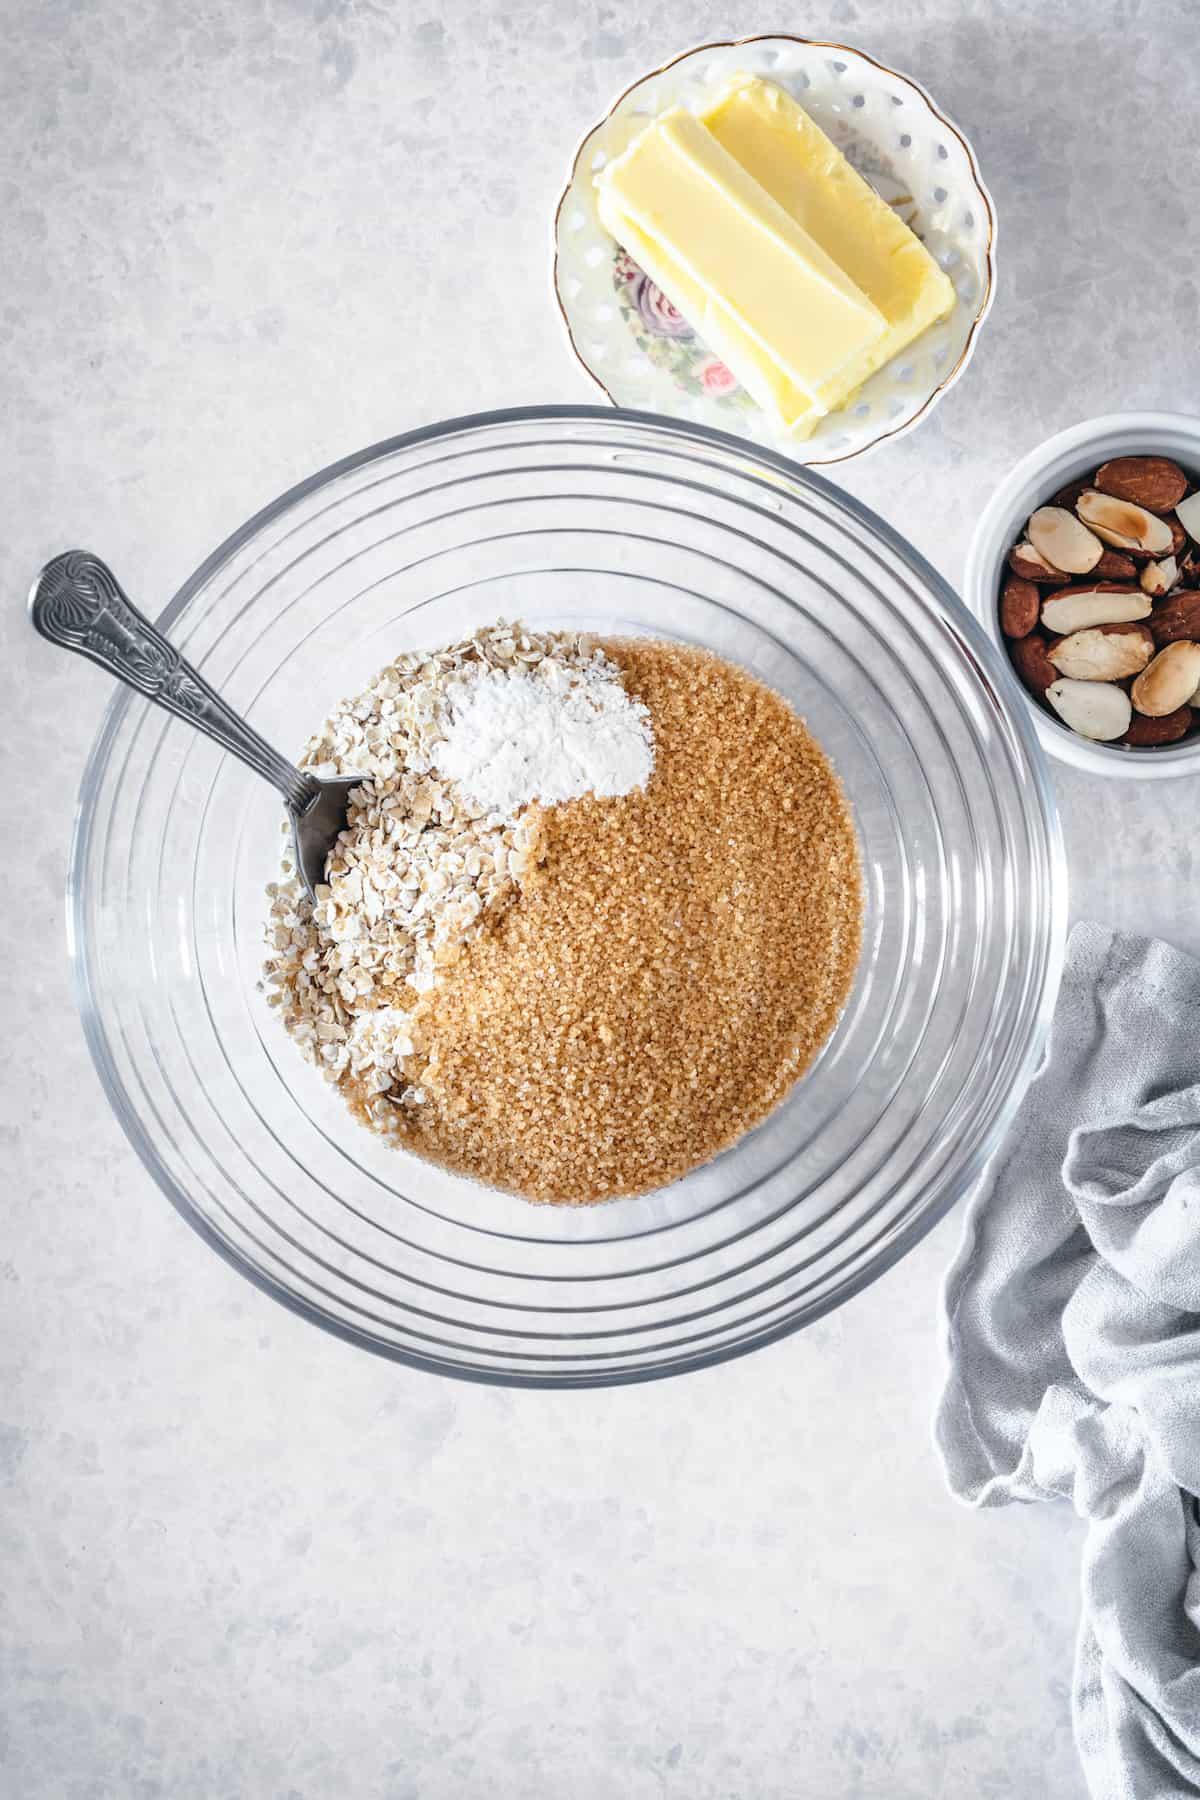 Apple crisp dry ingredients in a bowl